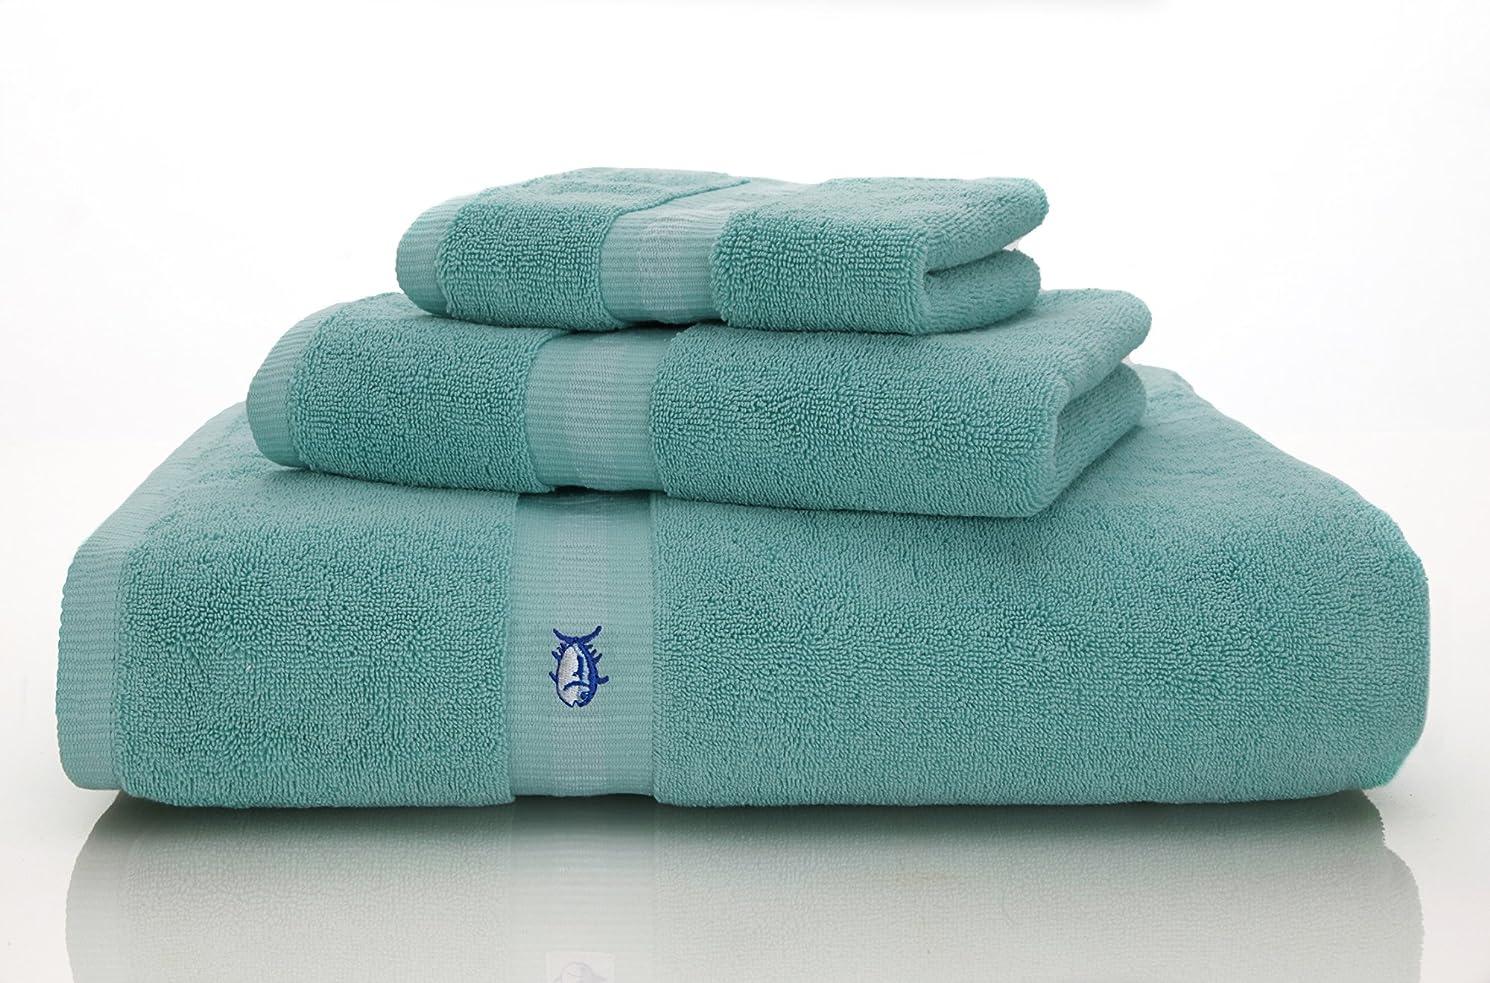 更新先に羊の服を着た狼(Hand, Offshore Green) - Southern Tide Skip Jack Hand Towel, 41cm by 70cm, Off Shore Green